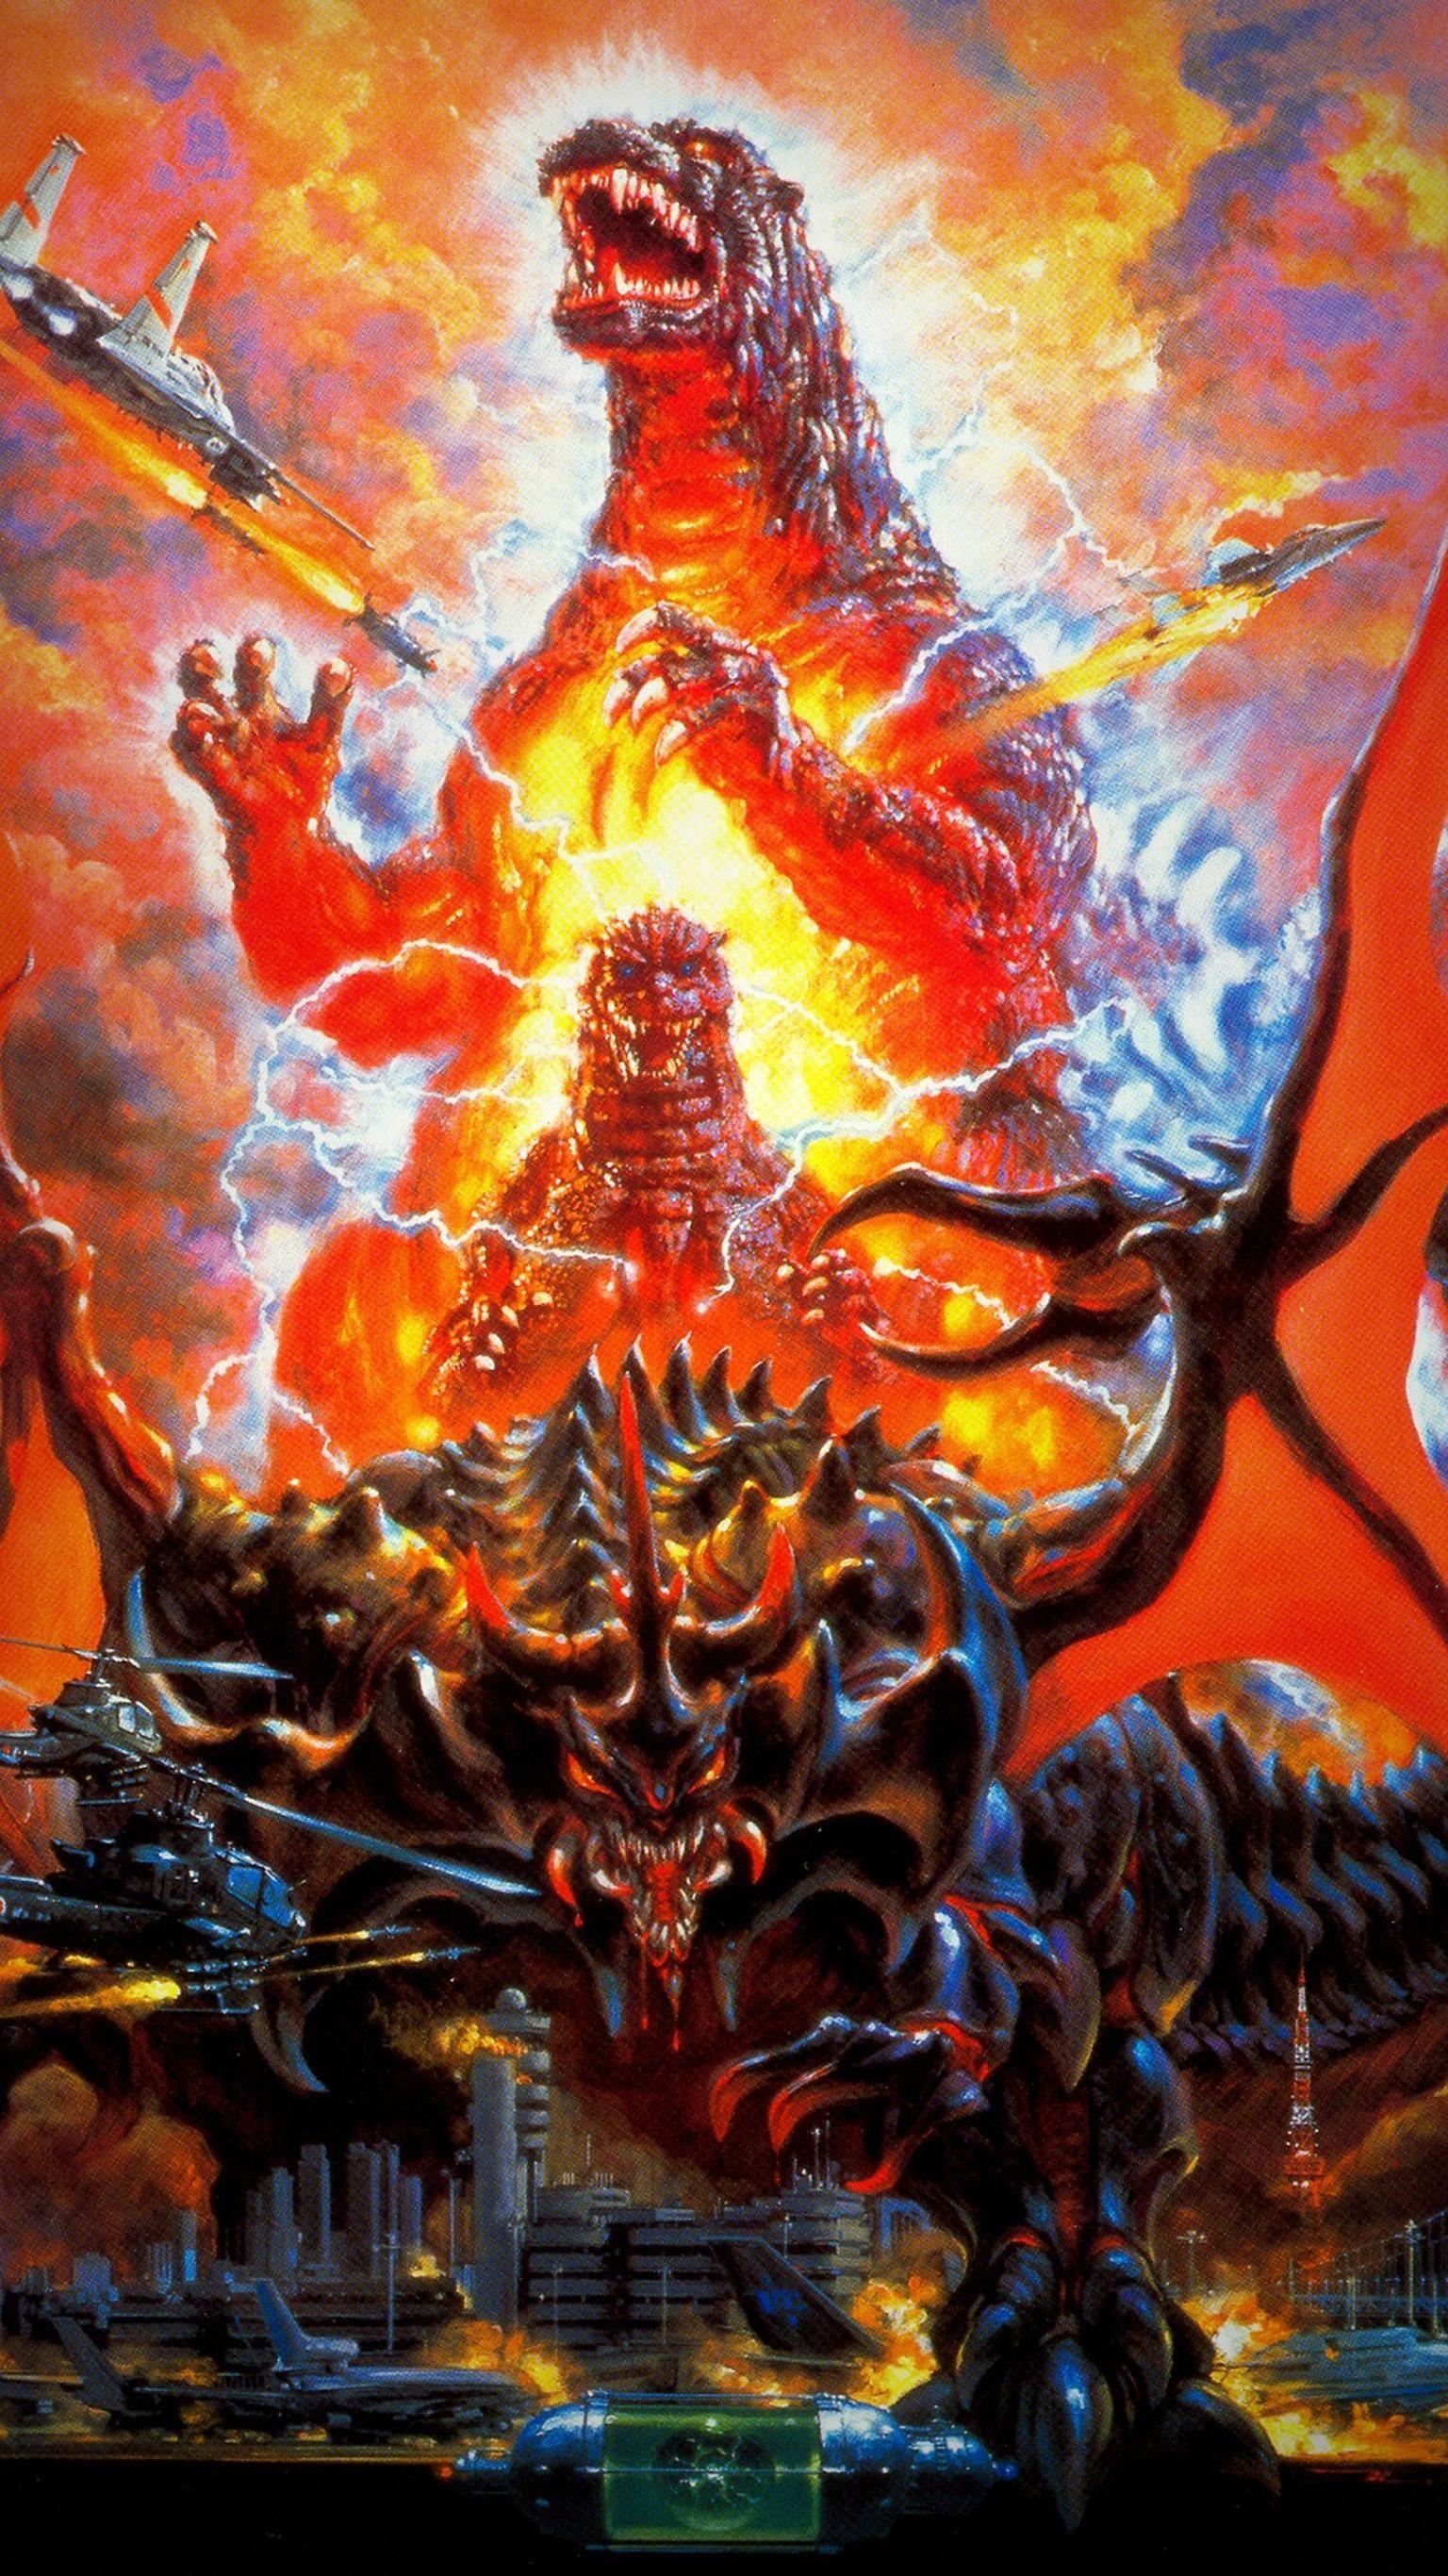 Godzilla vs Destoroyah 1995 Phone Wallpaper Godzilla 1536x2732